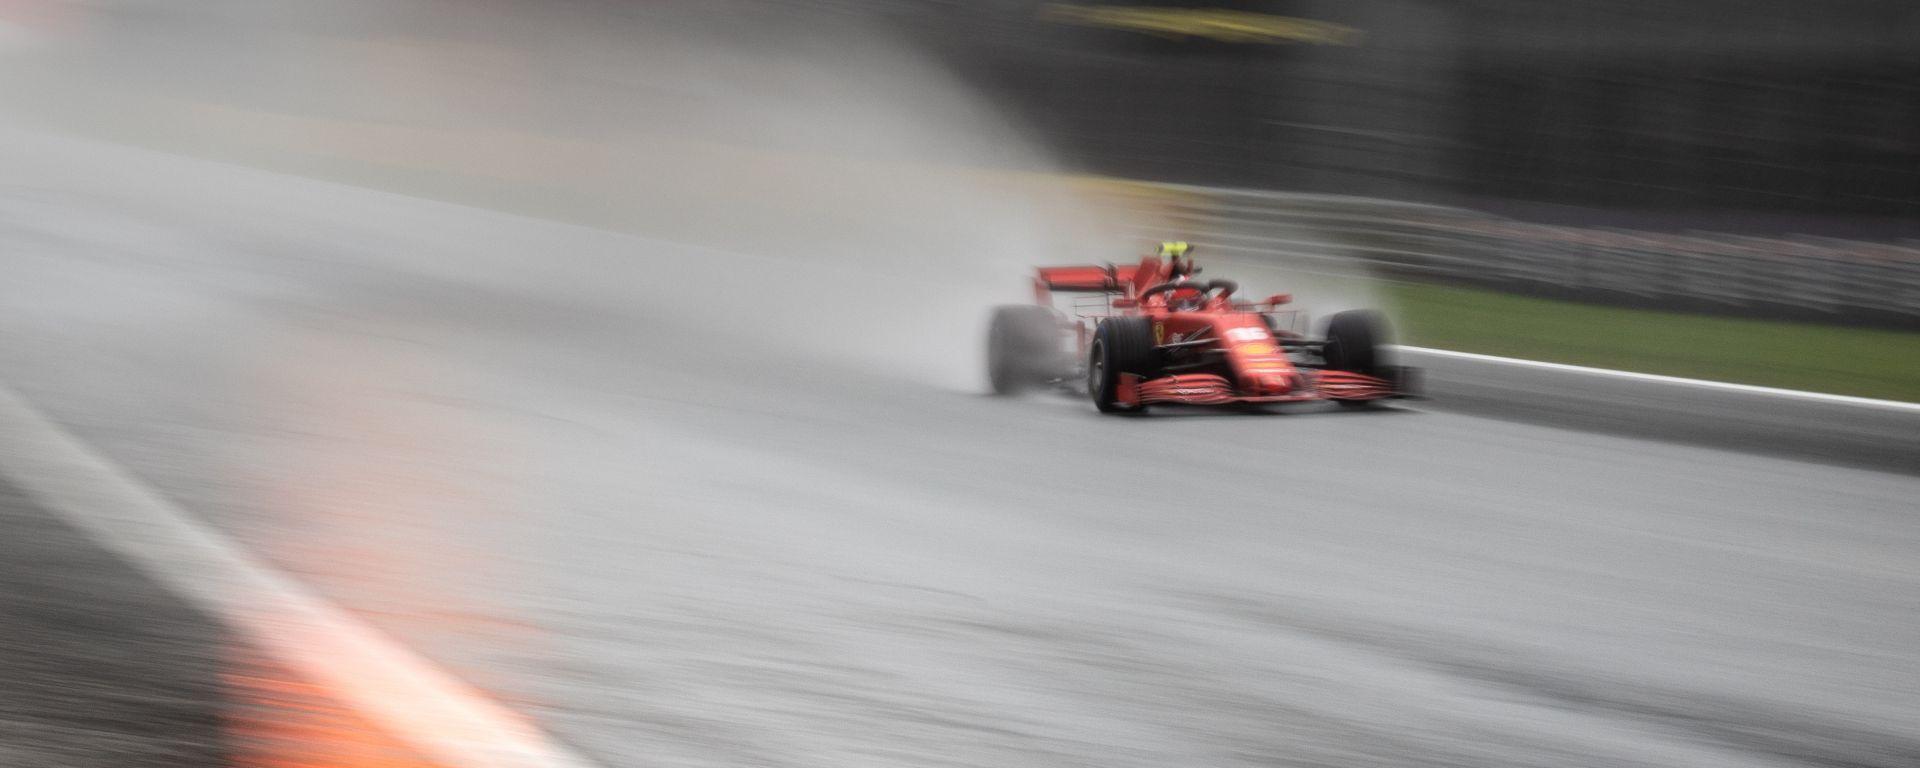 F1 GP Stiria 2020, Red Bull Ring: Charles Leclerc (Ferrari) sotto la pioggia